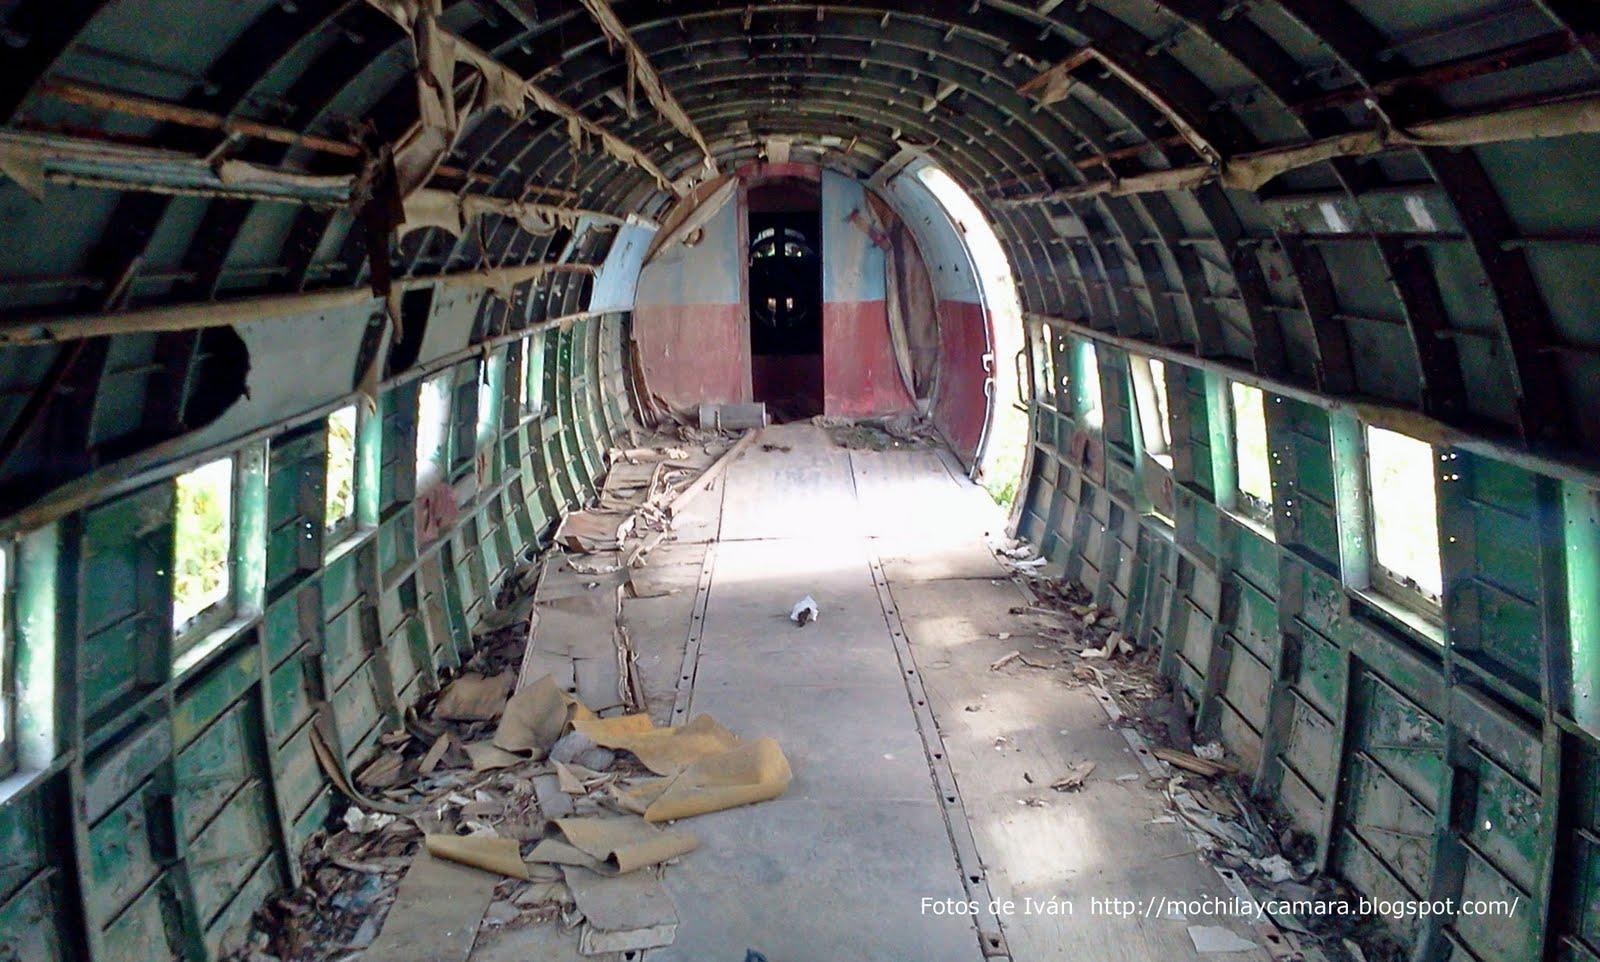 foto avion abandonado aeropuerto: